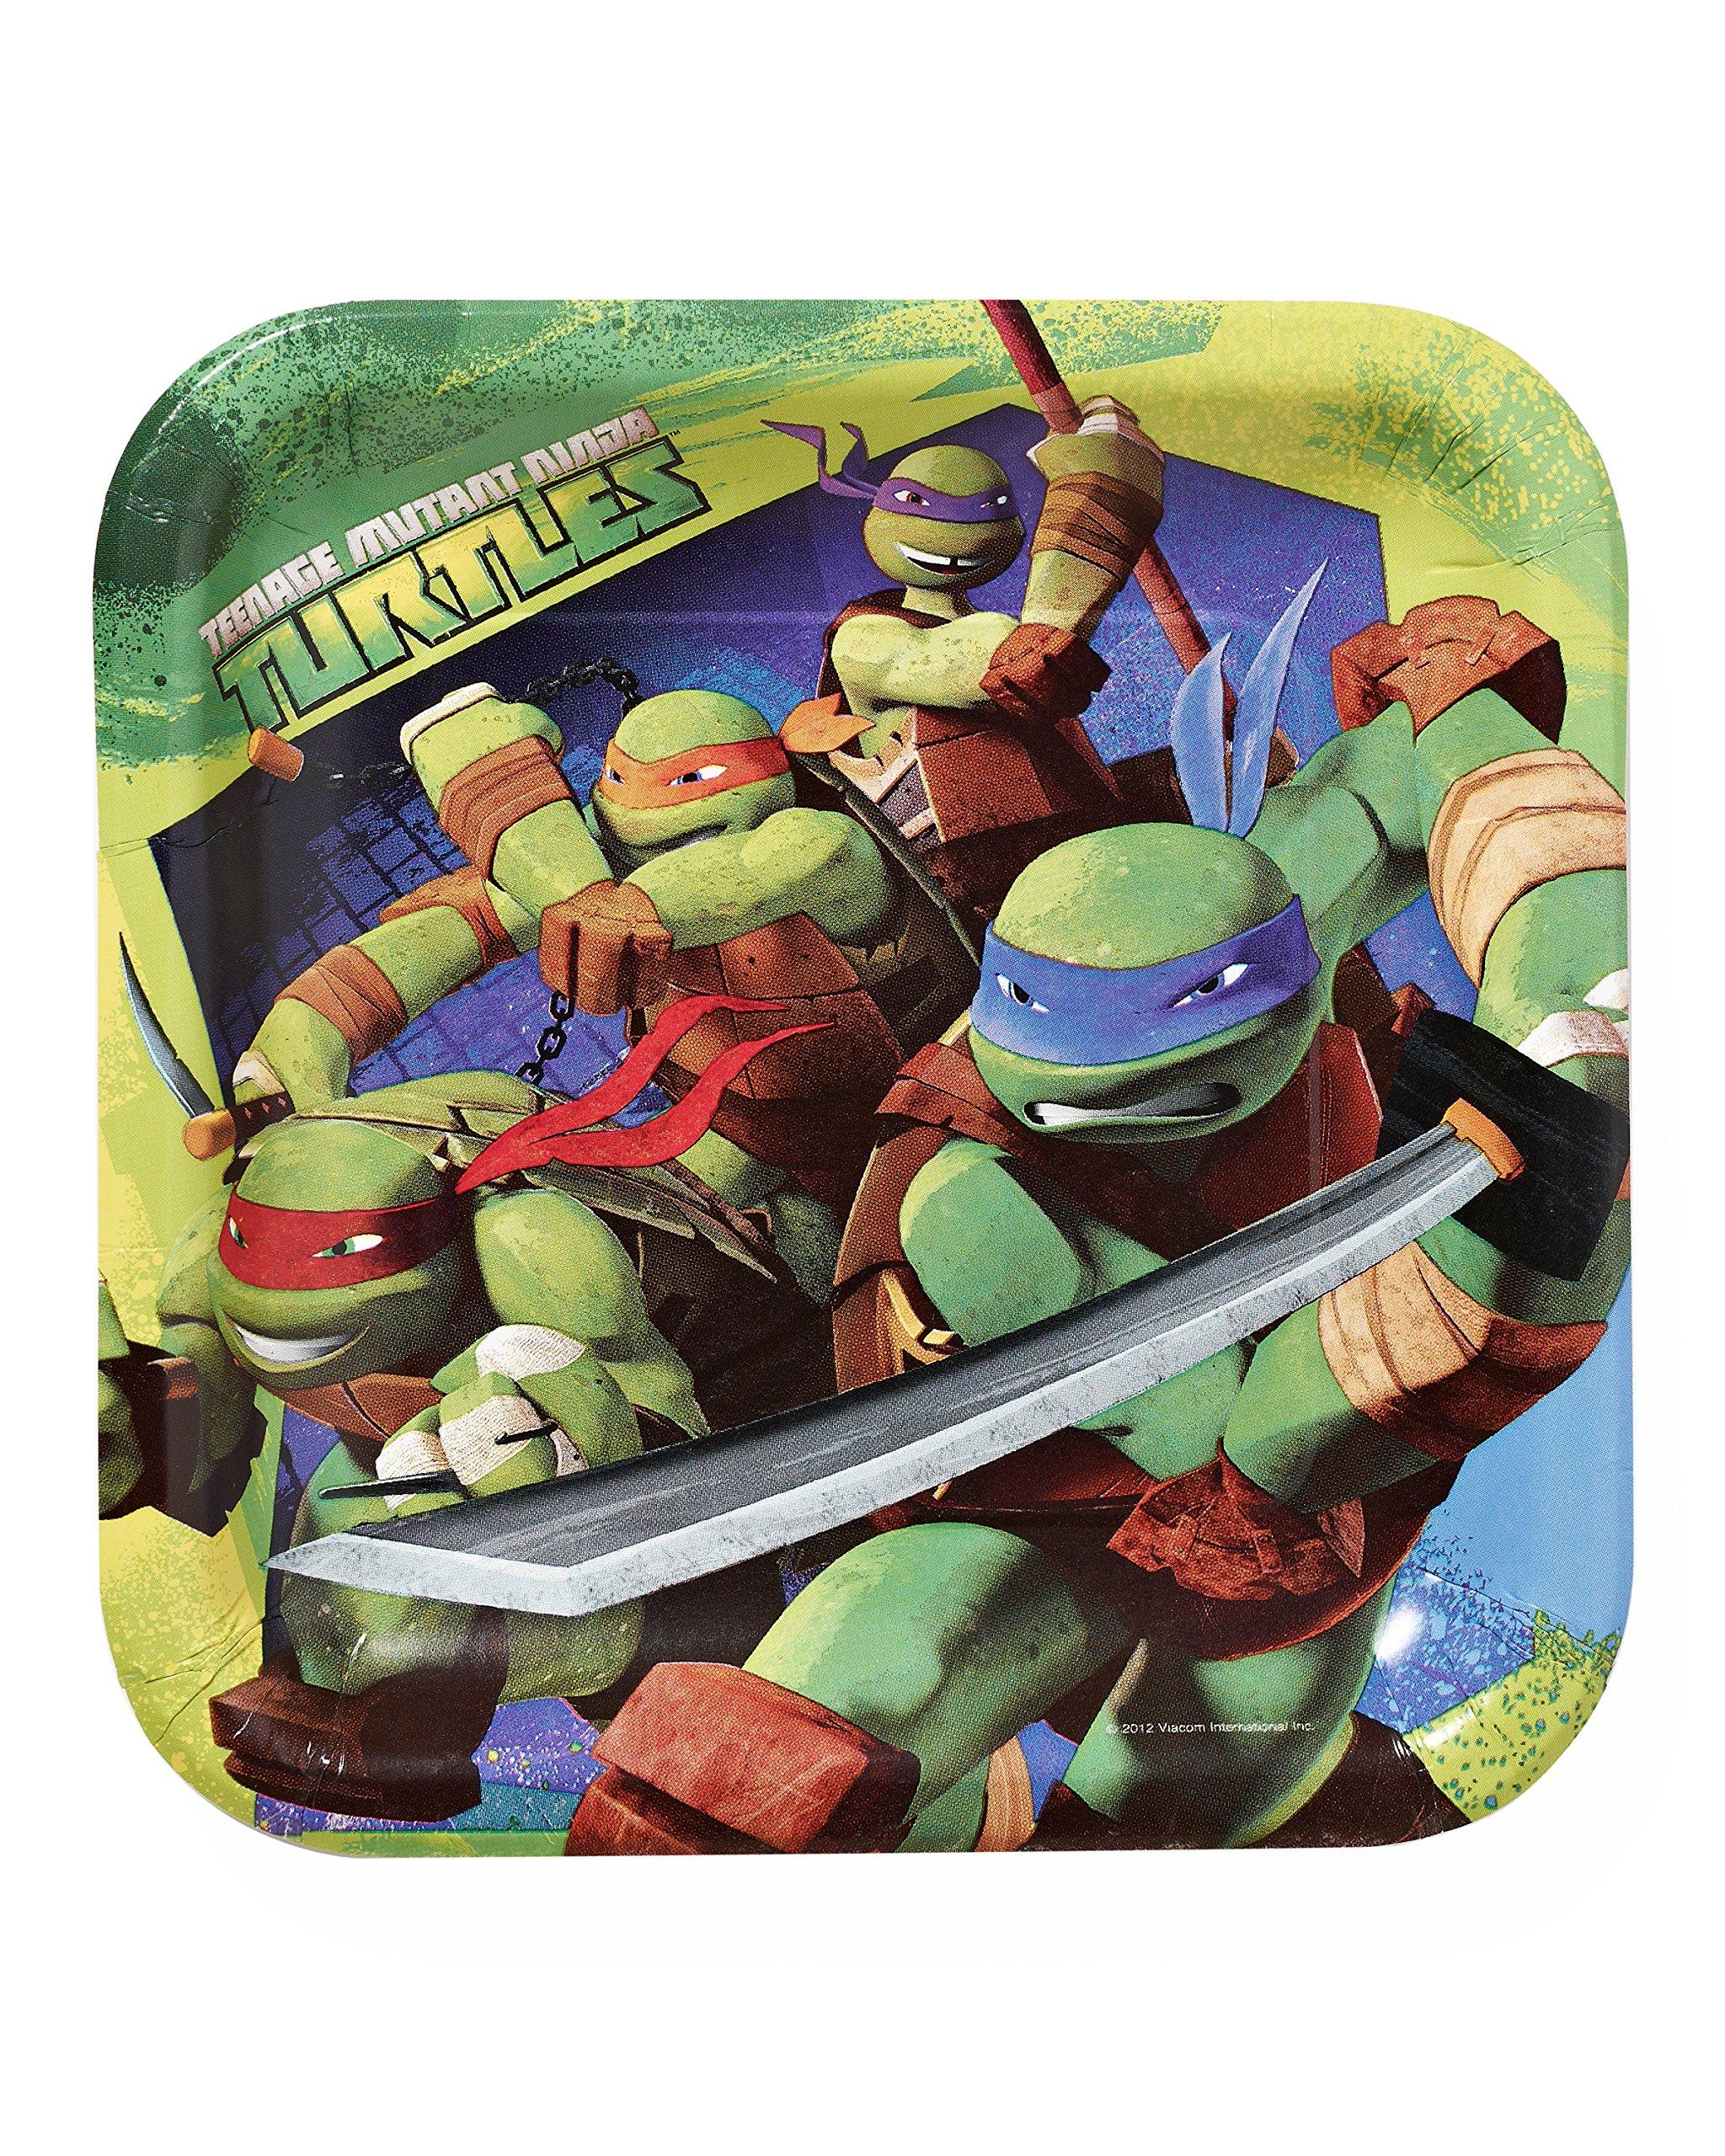 American Greetings Teenage Mutant Ninja Turtles 9 in Square Plate, Pack of 8, Party Supplies